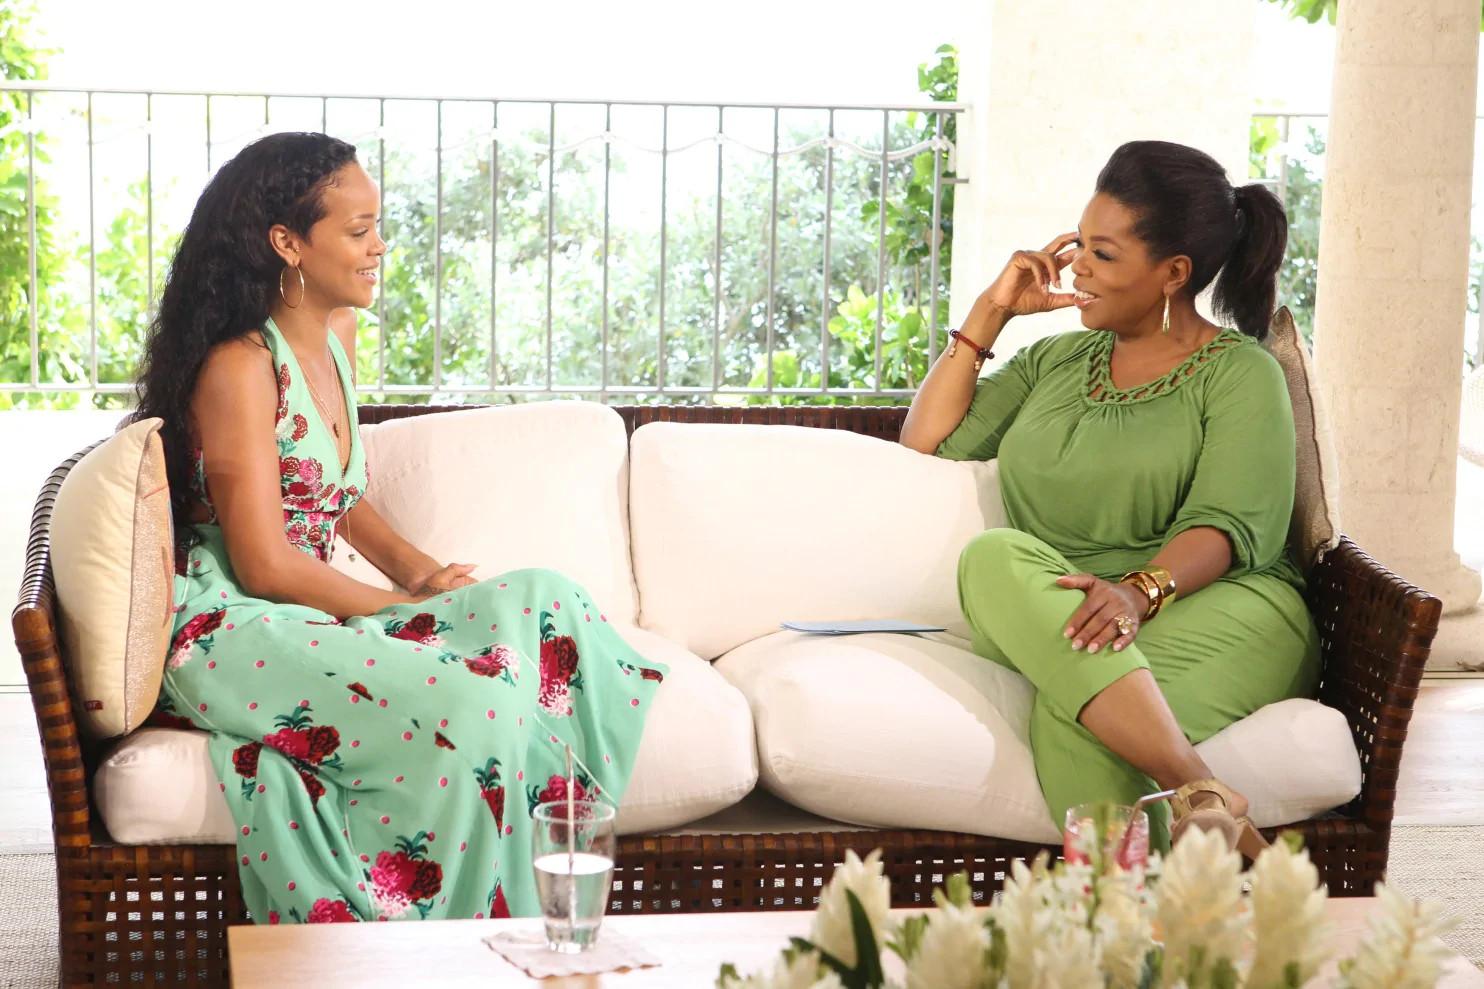 I Still Love Chris Brown, We're Friends Again - Rihanna Tells Oprah Winfrey